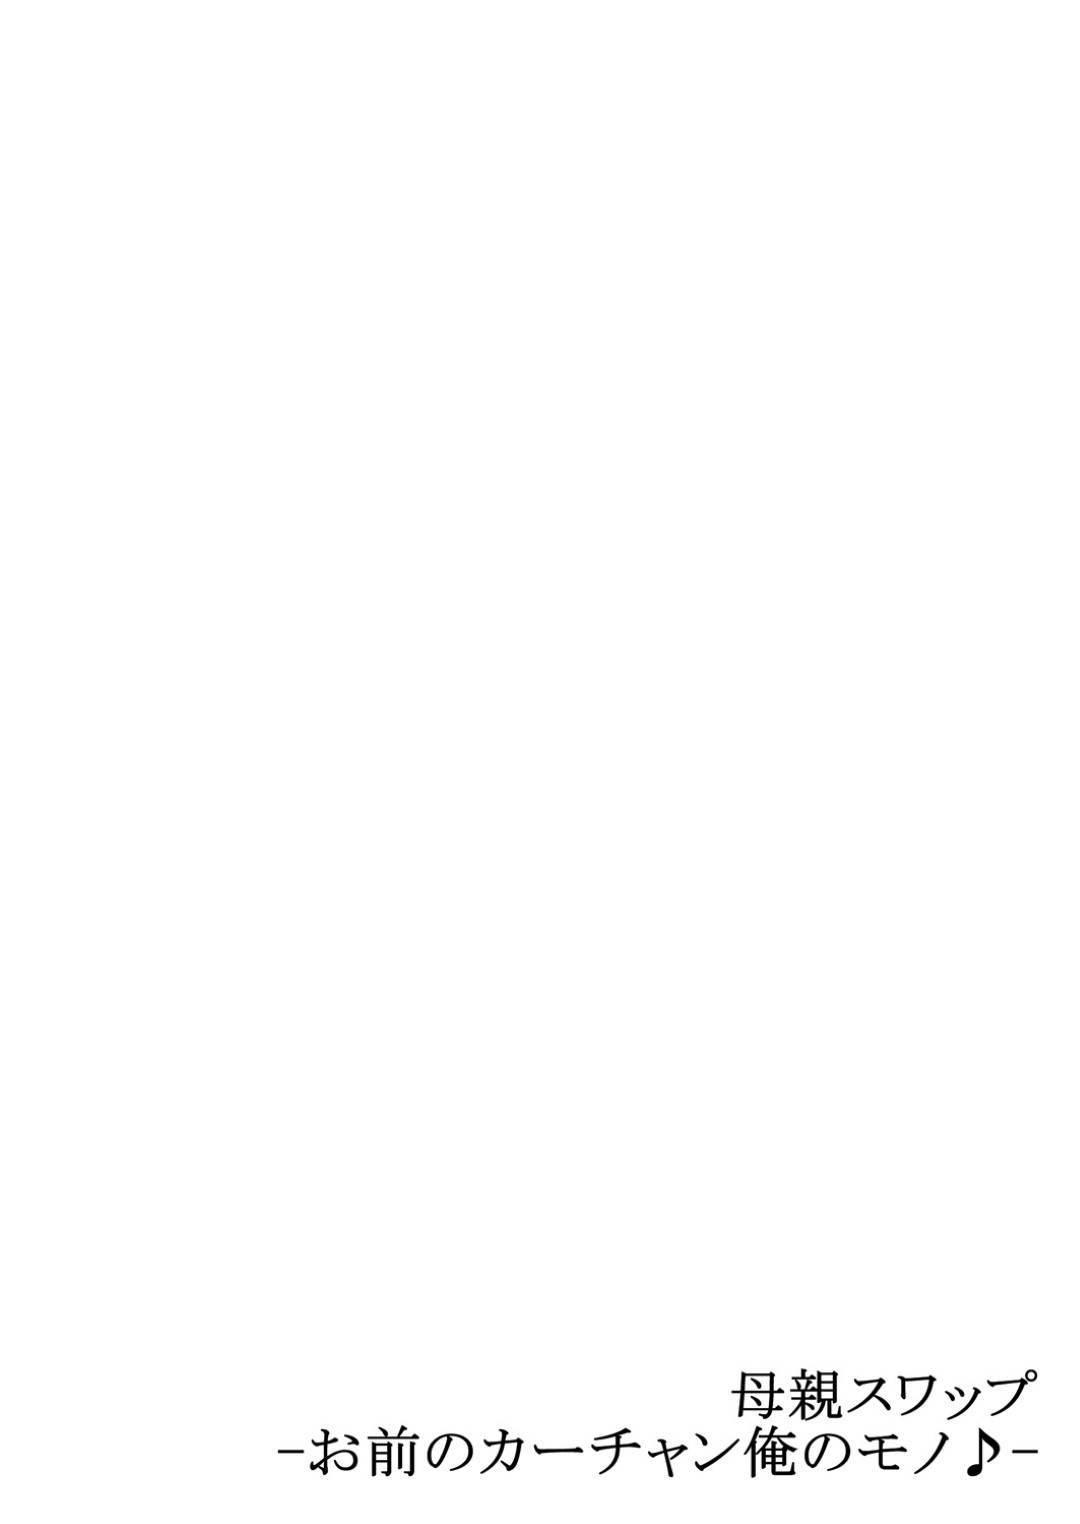 ダブル親子で温泉旅行中、息子の幼馴染の変態不良男子に夜這いされて無理やりフェラさせられる美熟女母…一緒に来た息子にもクンニされたあと二穴同時生ハメ中出し3Pセックスで両穴同時種づけされ絶頂する【桐生玲峰:母親スワップ 第7話】